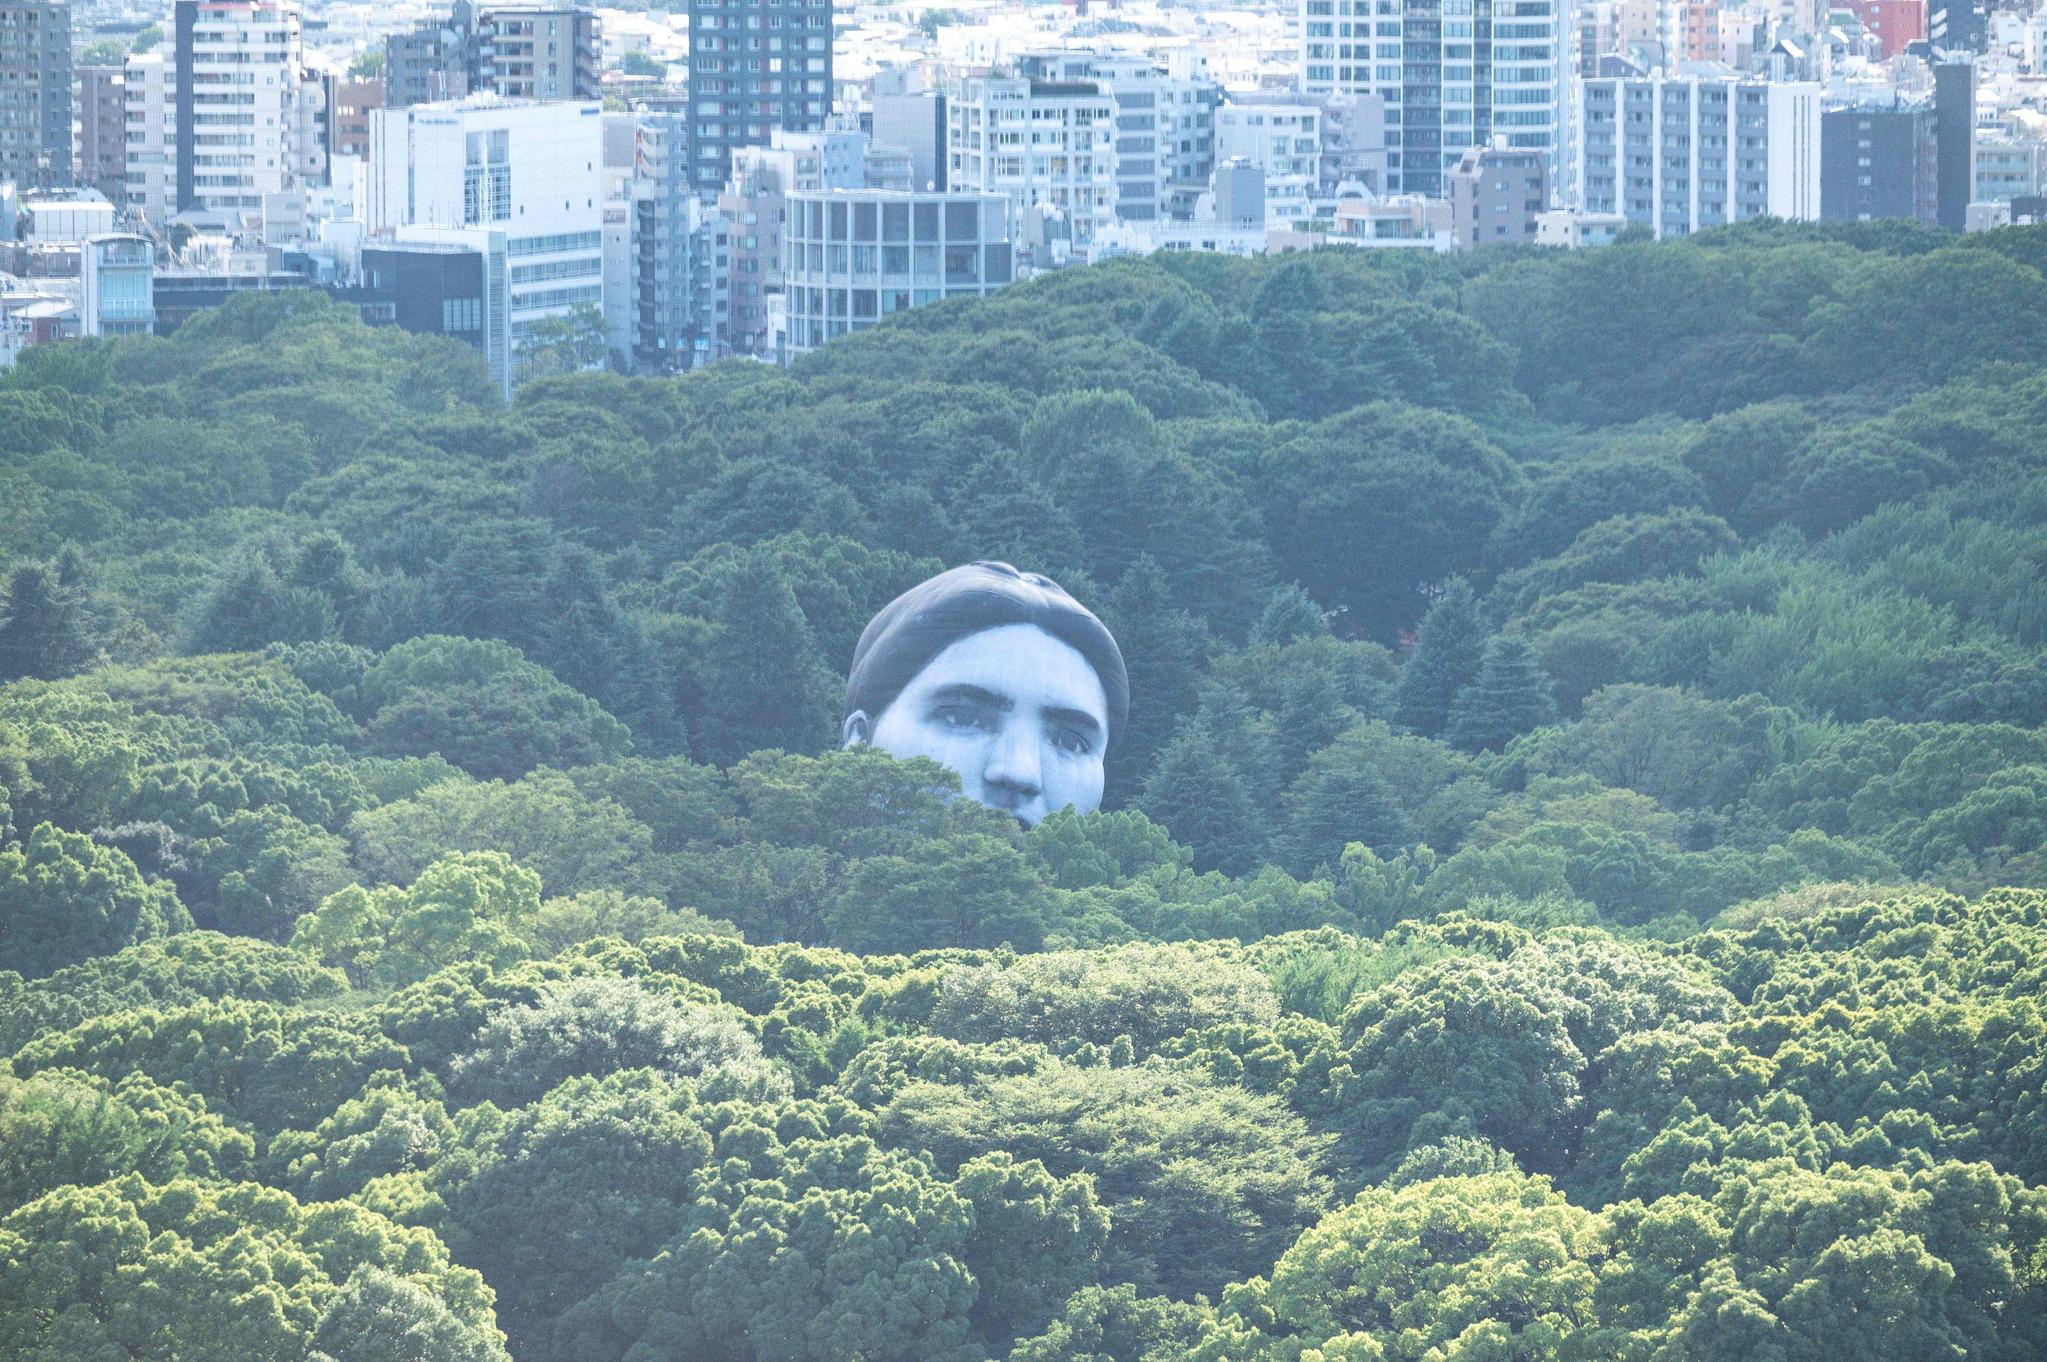 '꿈이 현실에서 이루어진다'는 의미의 공공미술 열기구 '마사유메'(正夢)가 16일 일본 도쿄 요요기공원 나무숲 사이로 떠오르고 있다. AFP=연합뉴스